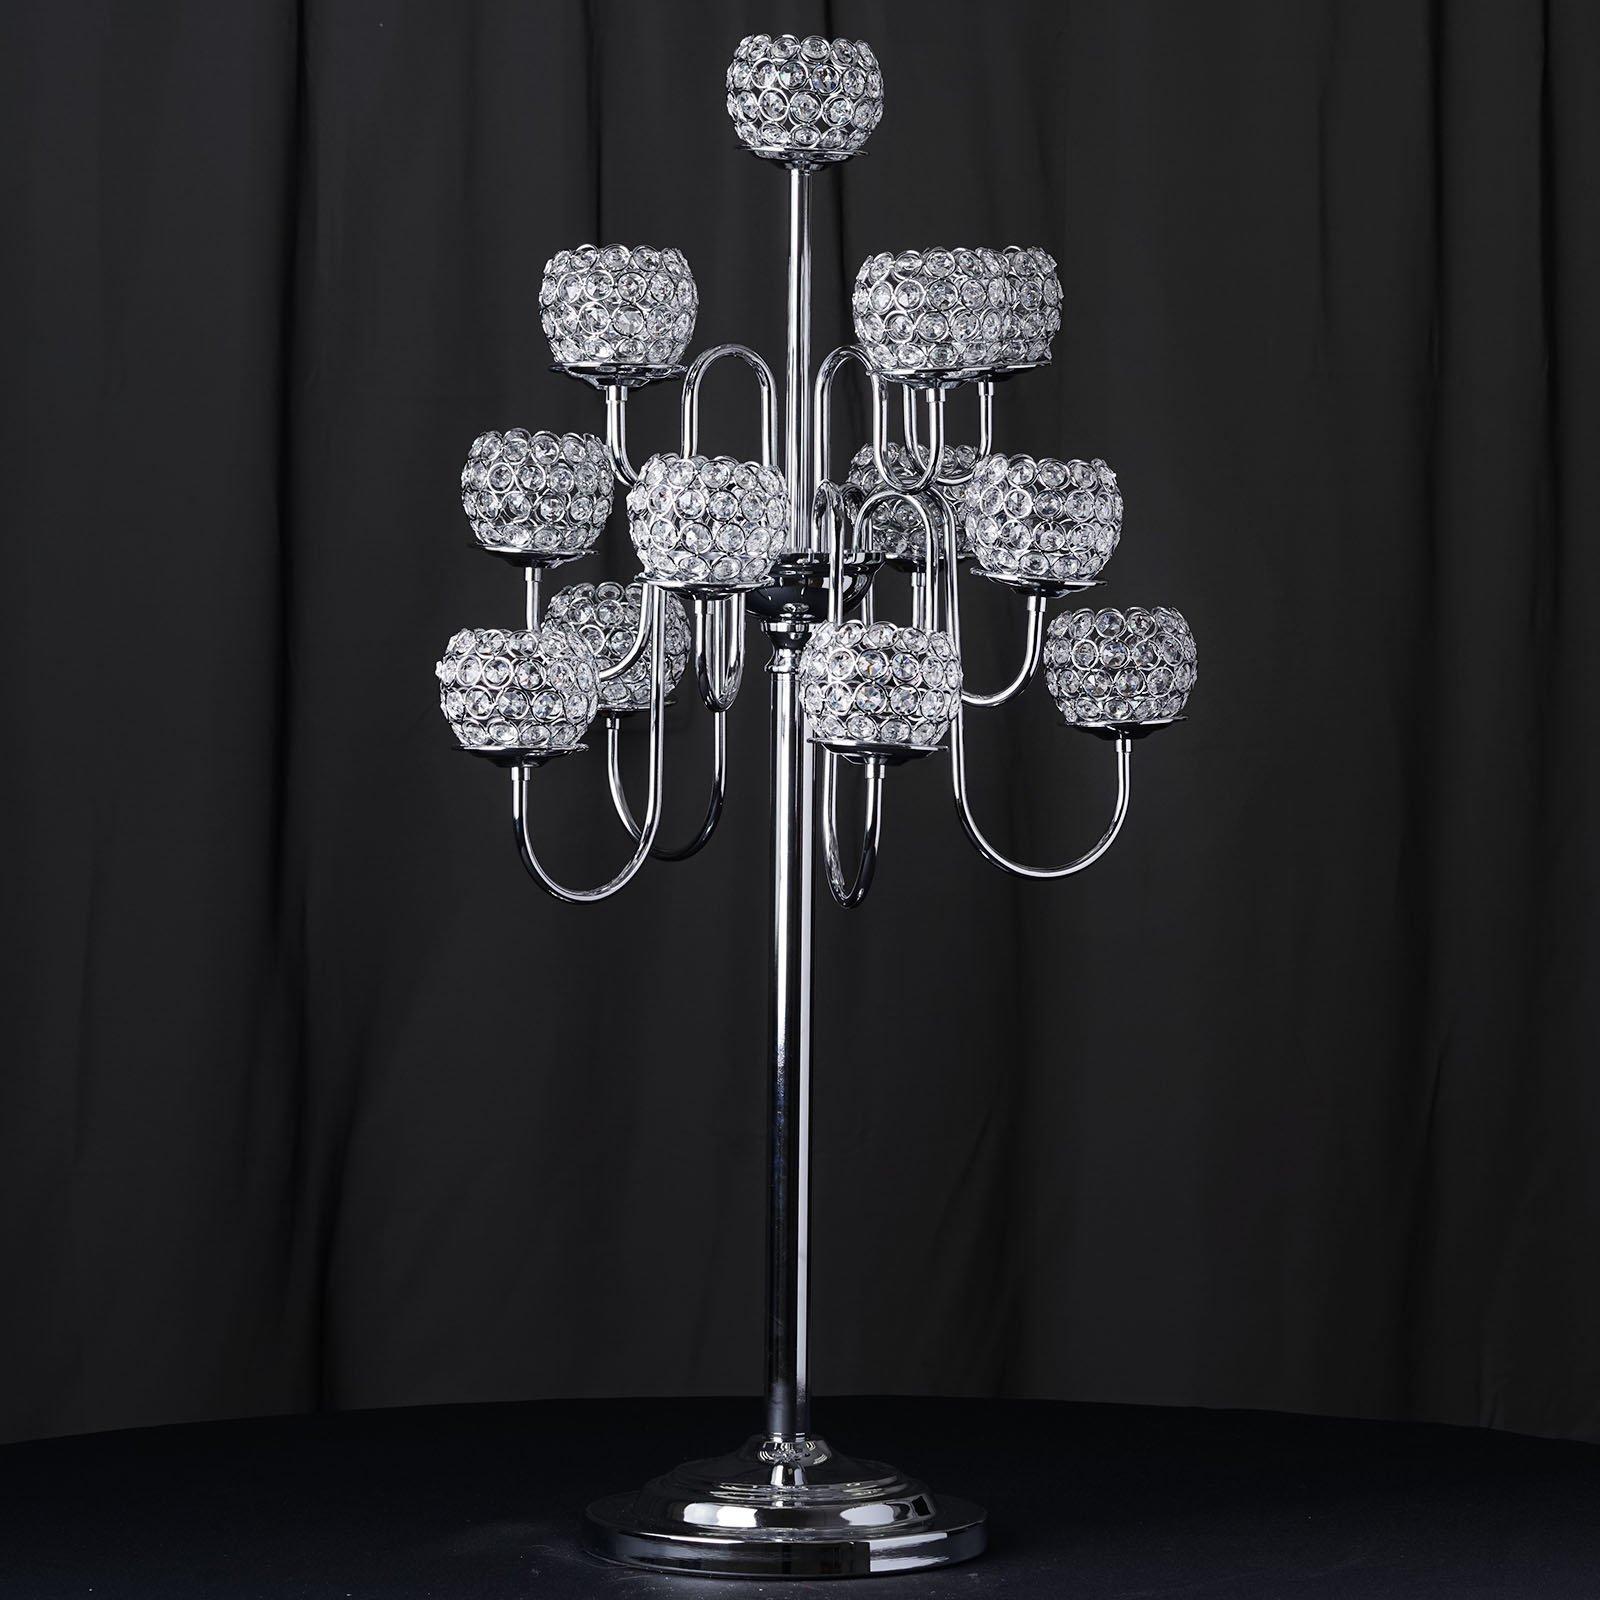 Efavormart 39.5'' Silver Crystal Beaded 13 Arm Candelabra Chandelier Votive Candle Holder Wedding Centerpiece by Efavormart.com (Image #2)